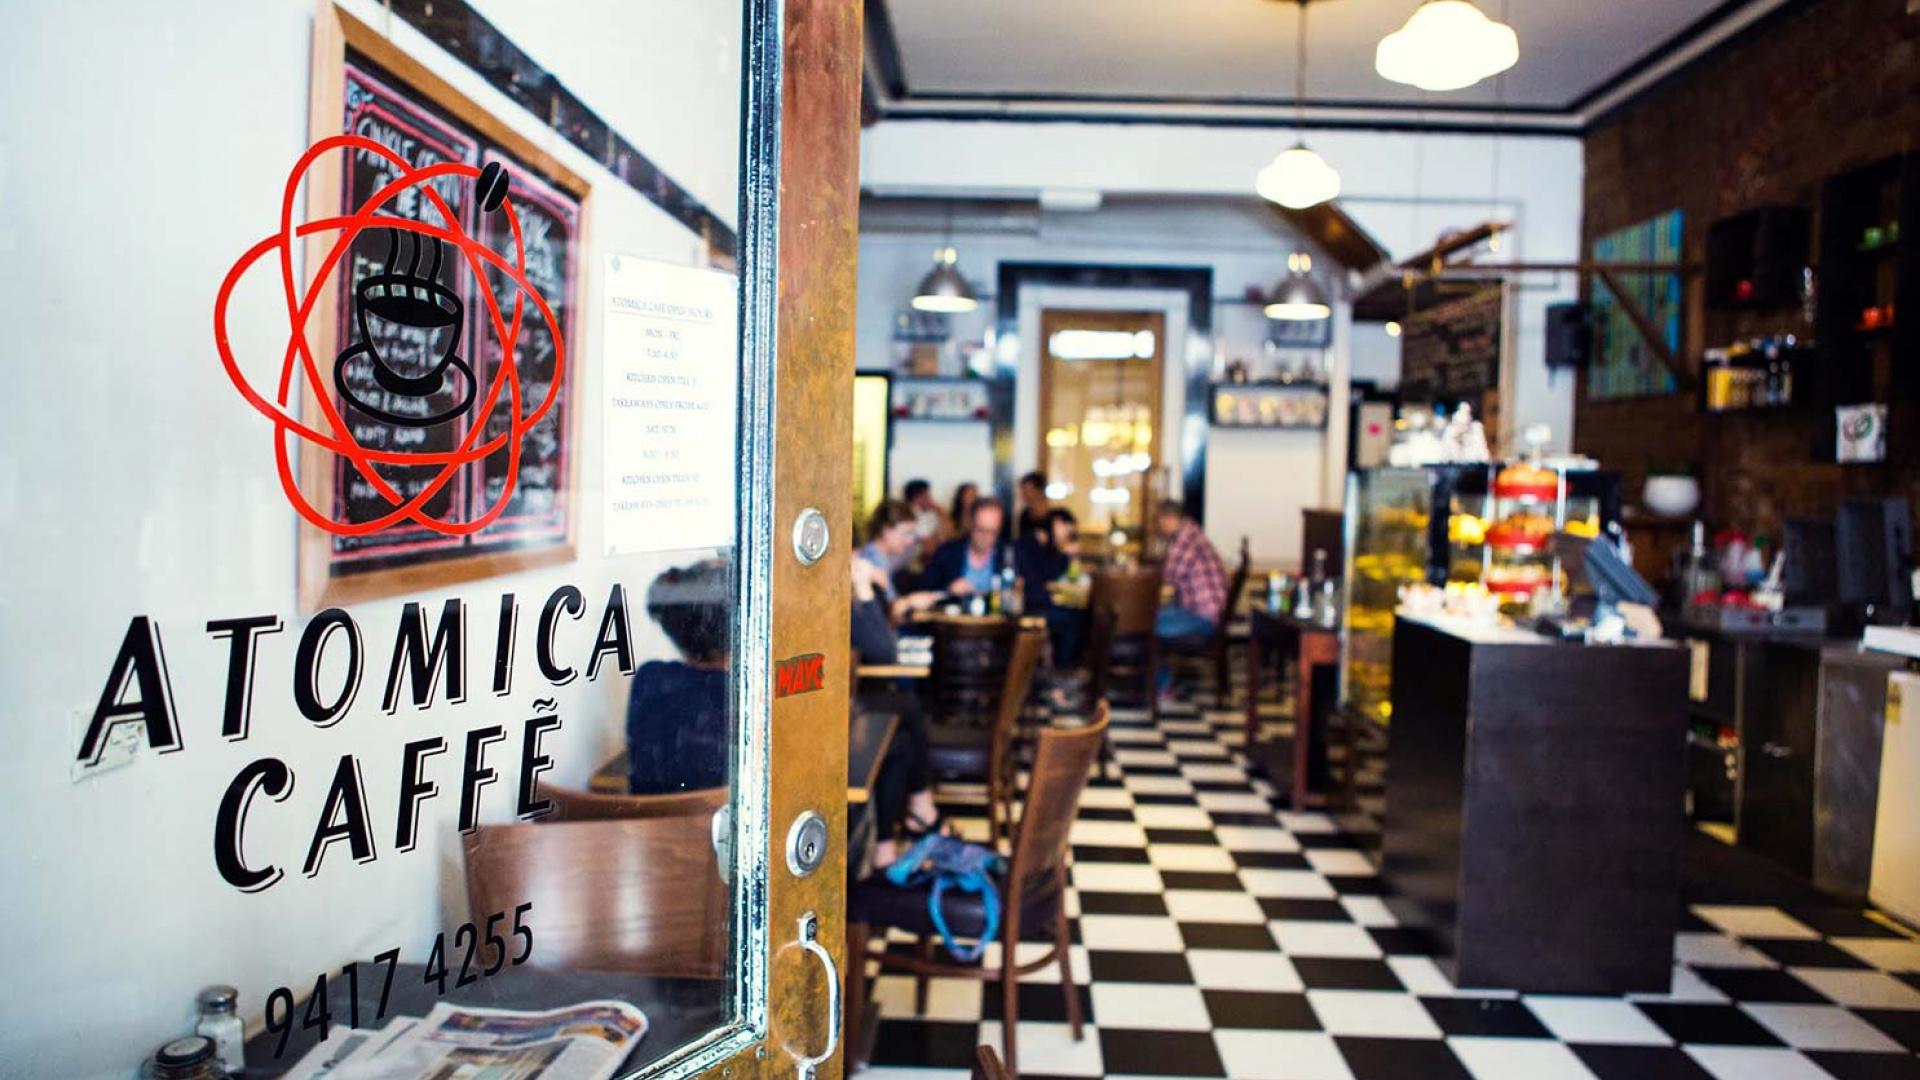 Atomica caffe melbourne